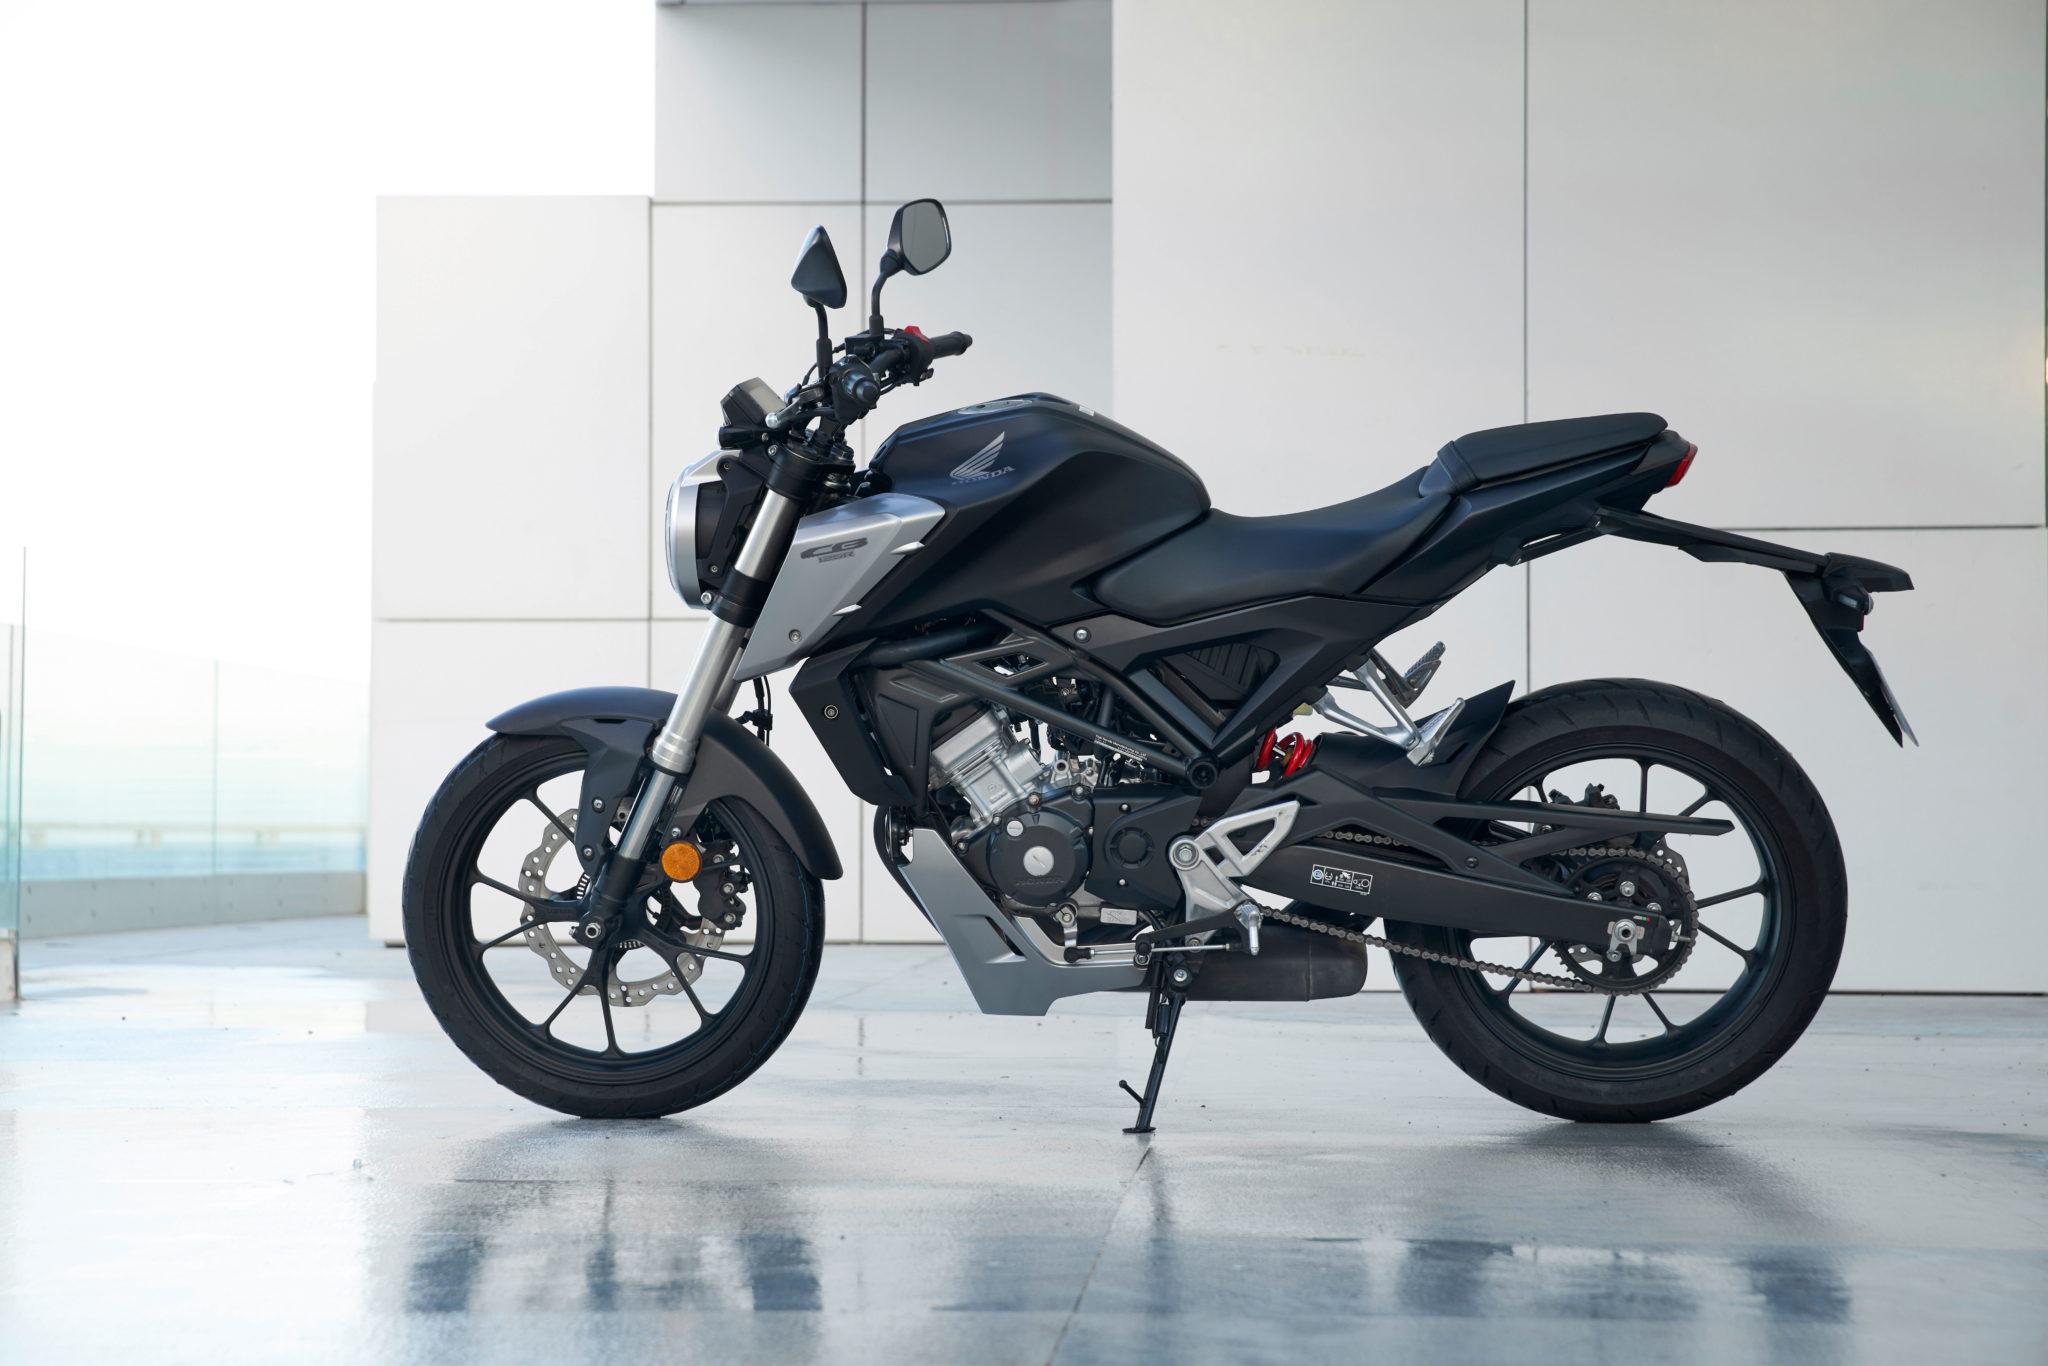 51100_Honda CB125R YM18 305